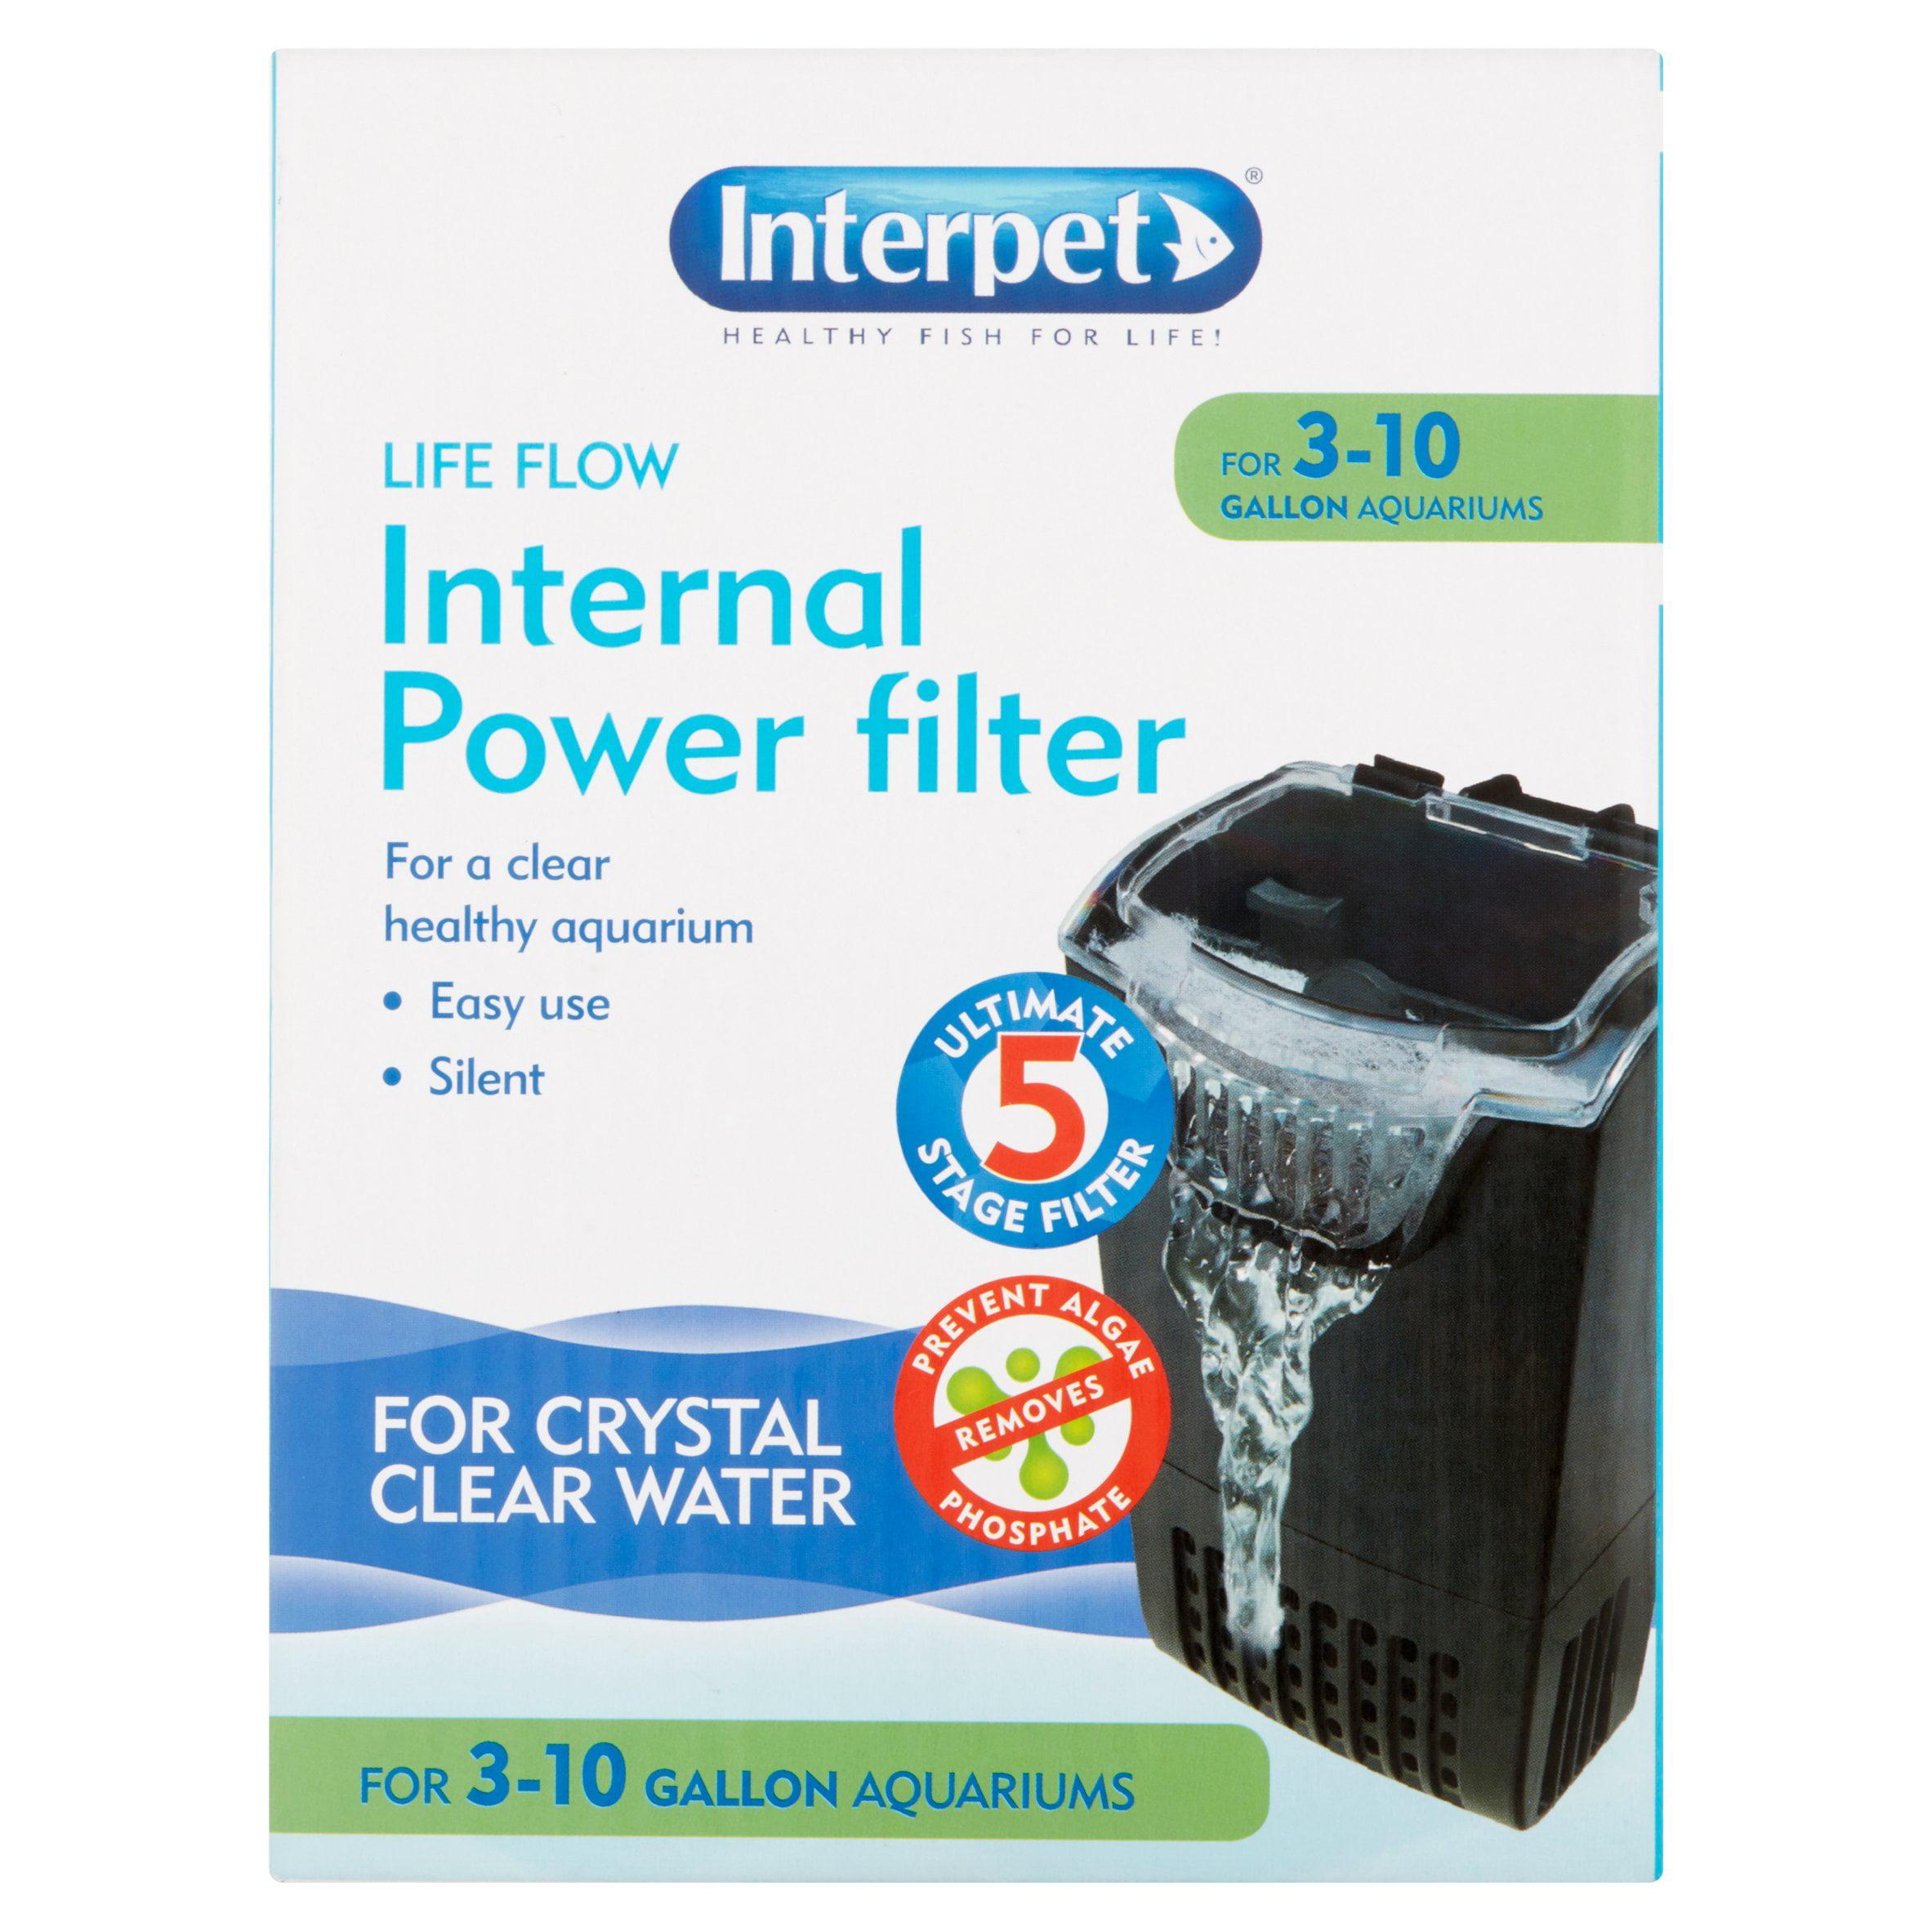 Interpet Life Flow Internal Power Filter